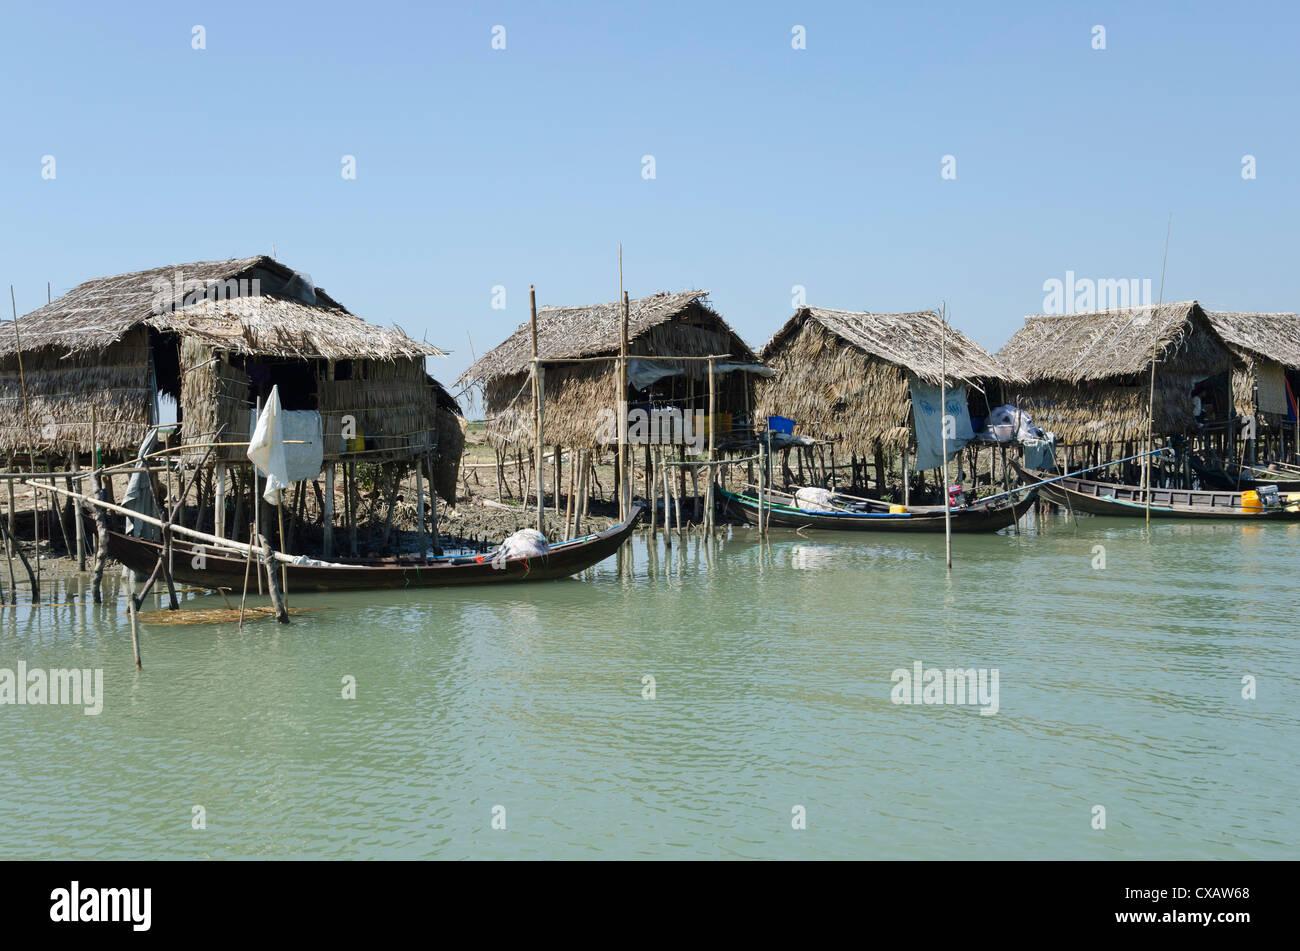 Huttes de bambou et bateaux le long d'une voie navigable, delta de l'Irrawaddy, le Myanmar (Birmanie), l'Asie Photo Stock